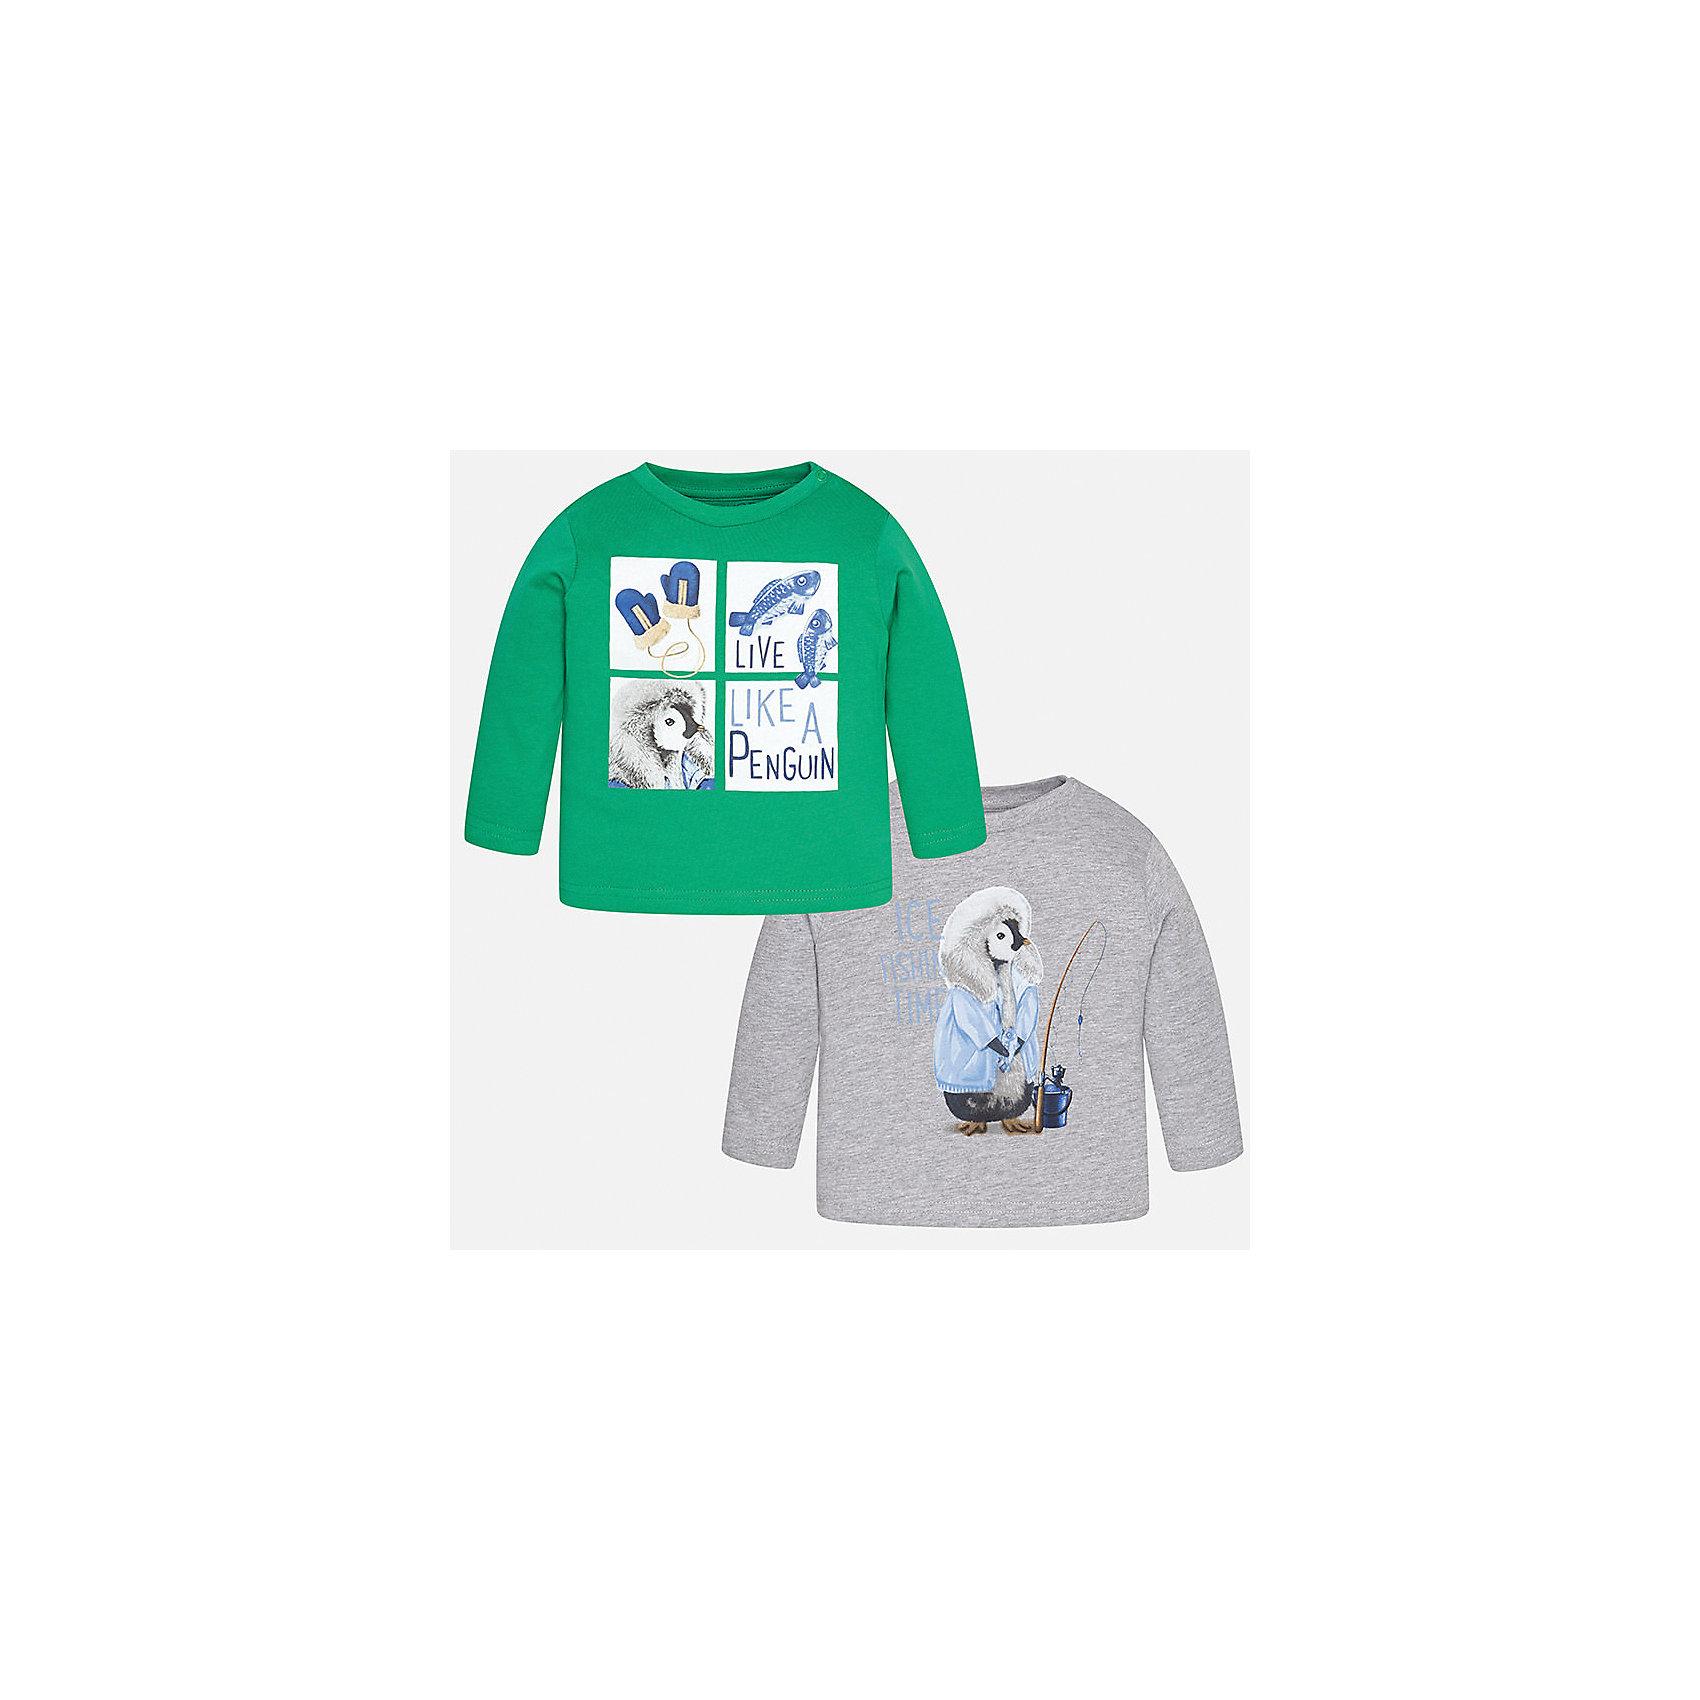 Футболка с длинным рукавом (2 шт.) для мальчика MayoralФутболки, топы<br>Характеристики товара:<br><br>• цвет: зеленый/серый;<br>• комплект: 2 шт.;<br>• состав ткани: 100% хлопок;<br>• длинный рукав;<br>• рисунок: принт;<br>• кнопка на воротнике;<br>• сезон: демисезон;<br>• страна бренда: Испания;<br>• страна изготовитель: Индия.<br><br>Комплект из двух футболок с длинным рукавом для мальчика от популярного бренда Mayoral  выполнен из натурального хлопка, ткань эластичная и приятная на ощупь. Однотонные модели декорированы принтом с изображением милых и забавных пингвинов, имеют круглый вырез и кнопки по плечевому шву для удобства переодевания малыша.  <br><br>Обе модели очень практичны и долги в носке, цвет не тускнеет, смотрятся аккуратно и стильно. Идеально подходит для повседневной одежды как дома, так и на прогулку.<br><br>Для производства детской одежды популярный бренд Mayoral используют только качественную фурнитуру и материалы. Оригинальные и модные вещи от Майорал неизменно привлекают внимание и нравятся детям.<br><br>Комплект из двух футболок с длинным рукавом для мальчика Mayoral (Майорал) можно купить в нашем интернет-магазине.<br><br>Ширина мм: 230<br>Глубина мм: 40<br>Высота мм: 220<br>Вес г: 250<br>Цвет: зеленый<br>Возраст от месяцев: 24<br>Возраст до месяцев: 36<br>Пол: Мужской<br>Возраст: Детский<br>Размер: 98,74,80,86,92<br>SKU: 6932368